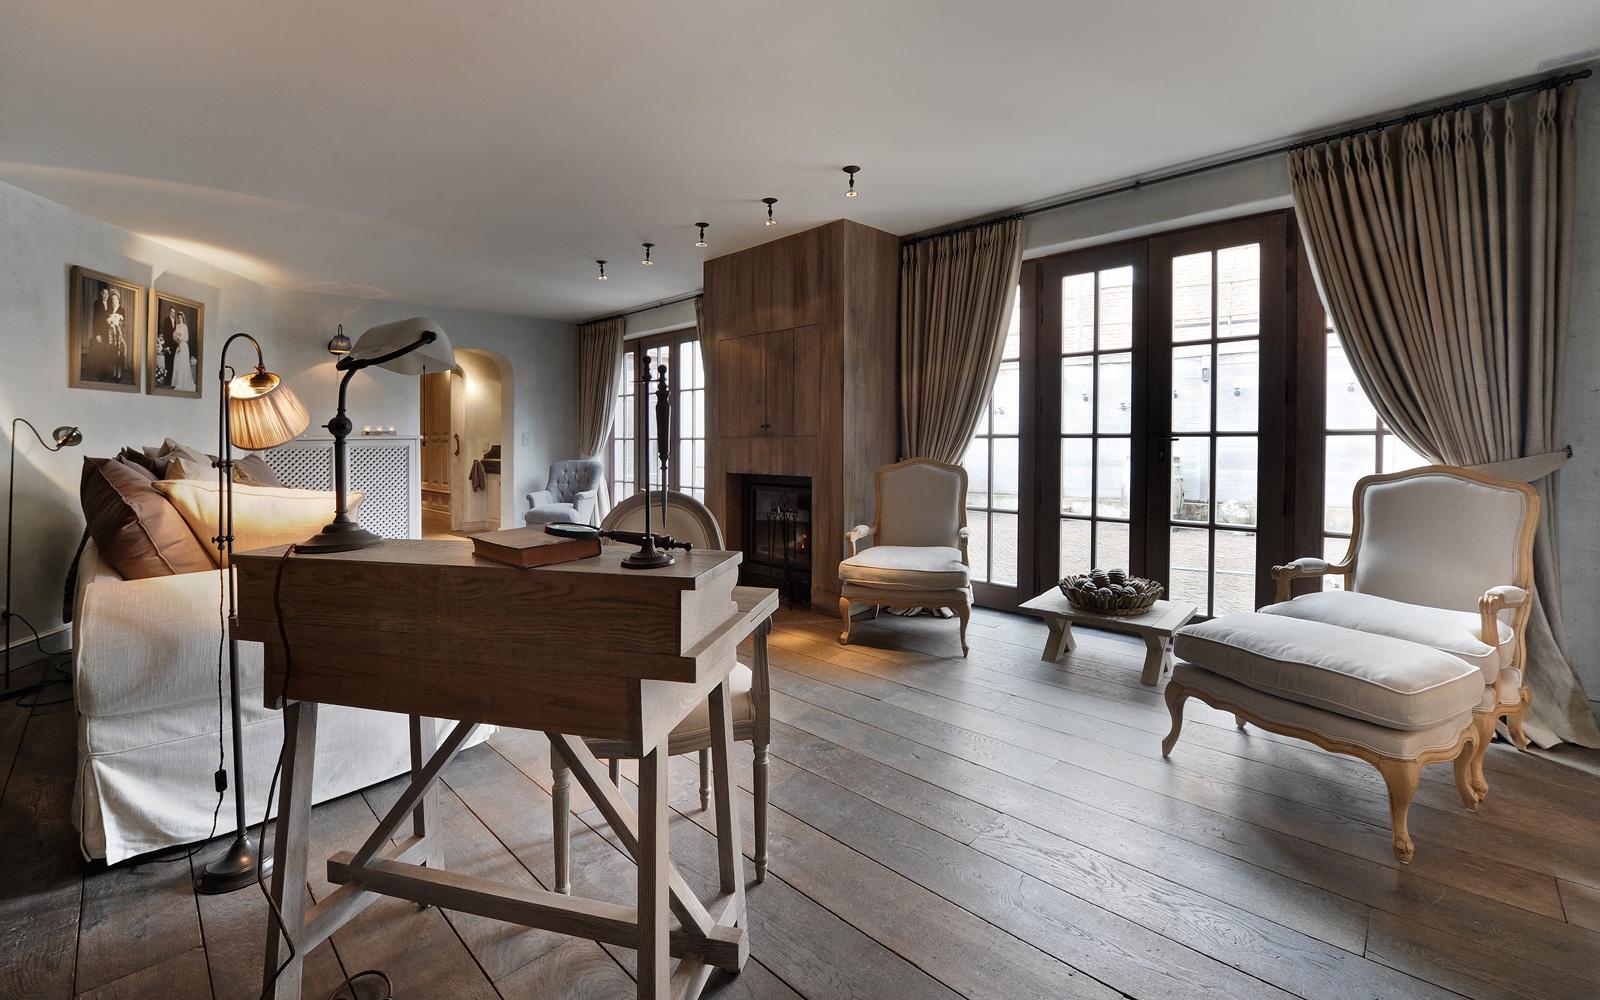 Woonkamer, houten vloer, sfeervol, authentiek, licht, haard, woonhuis als showroom, Dauby